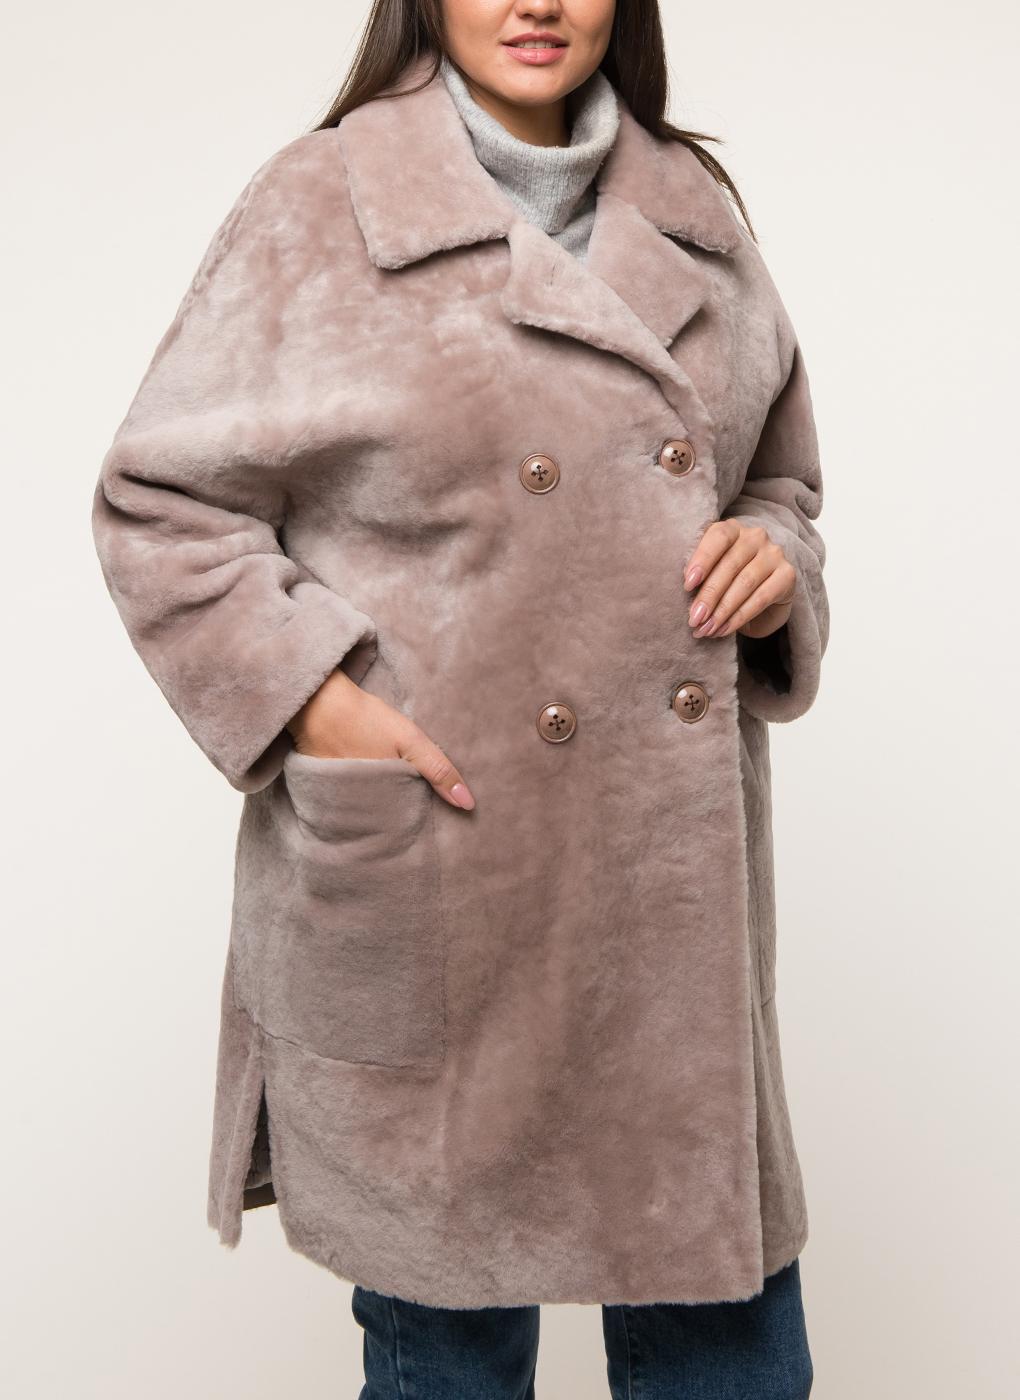 Пальто из овчины керли 02, Юник фото